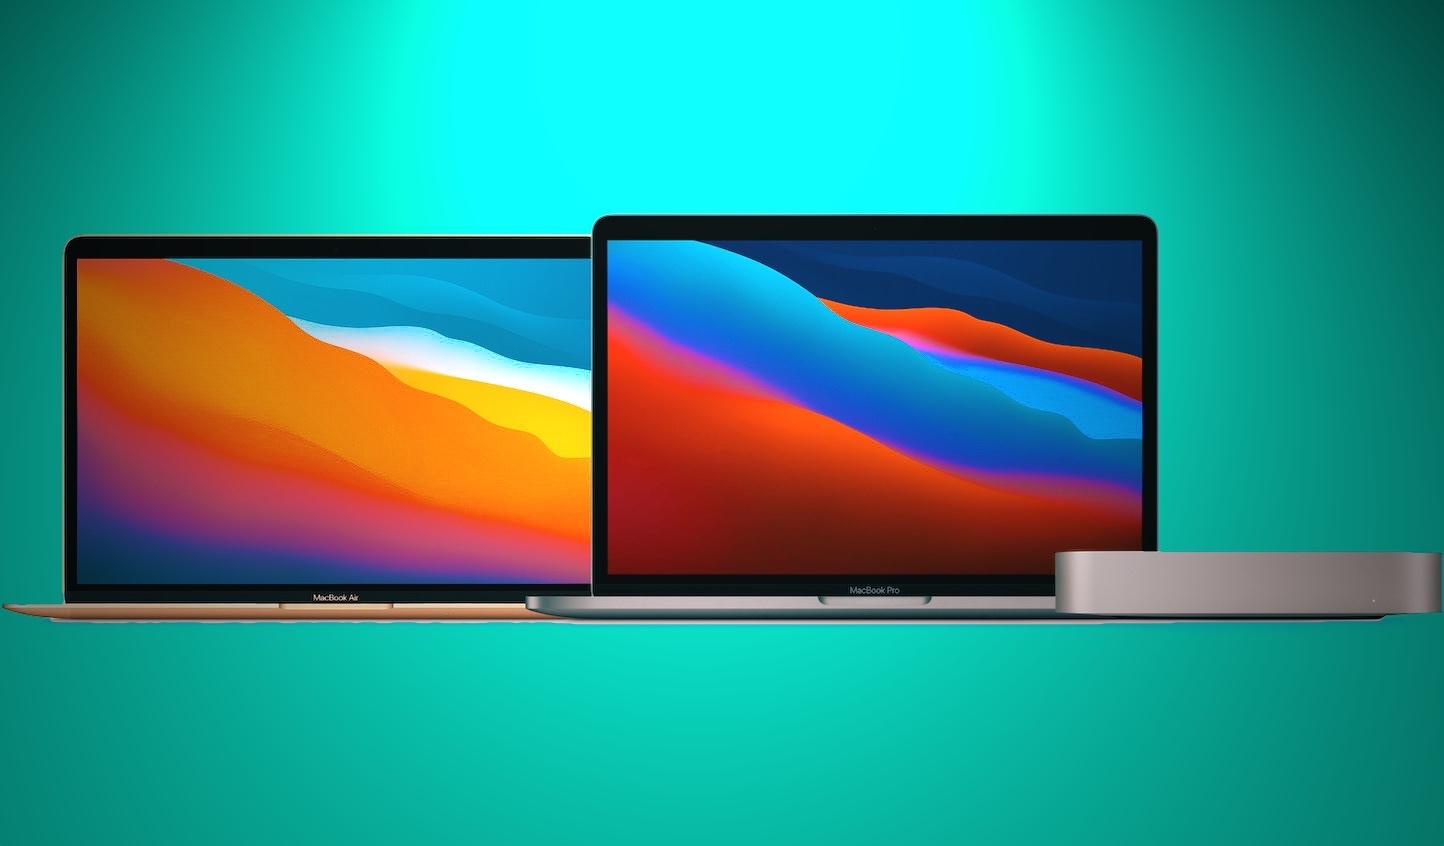 m1 MacBook pro,MacBook pro,MacBook Pro m1,apple macbook pro m1